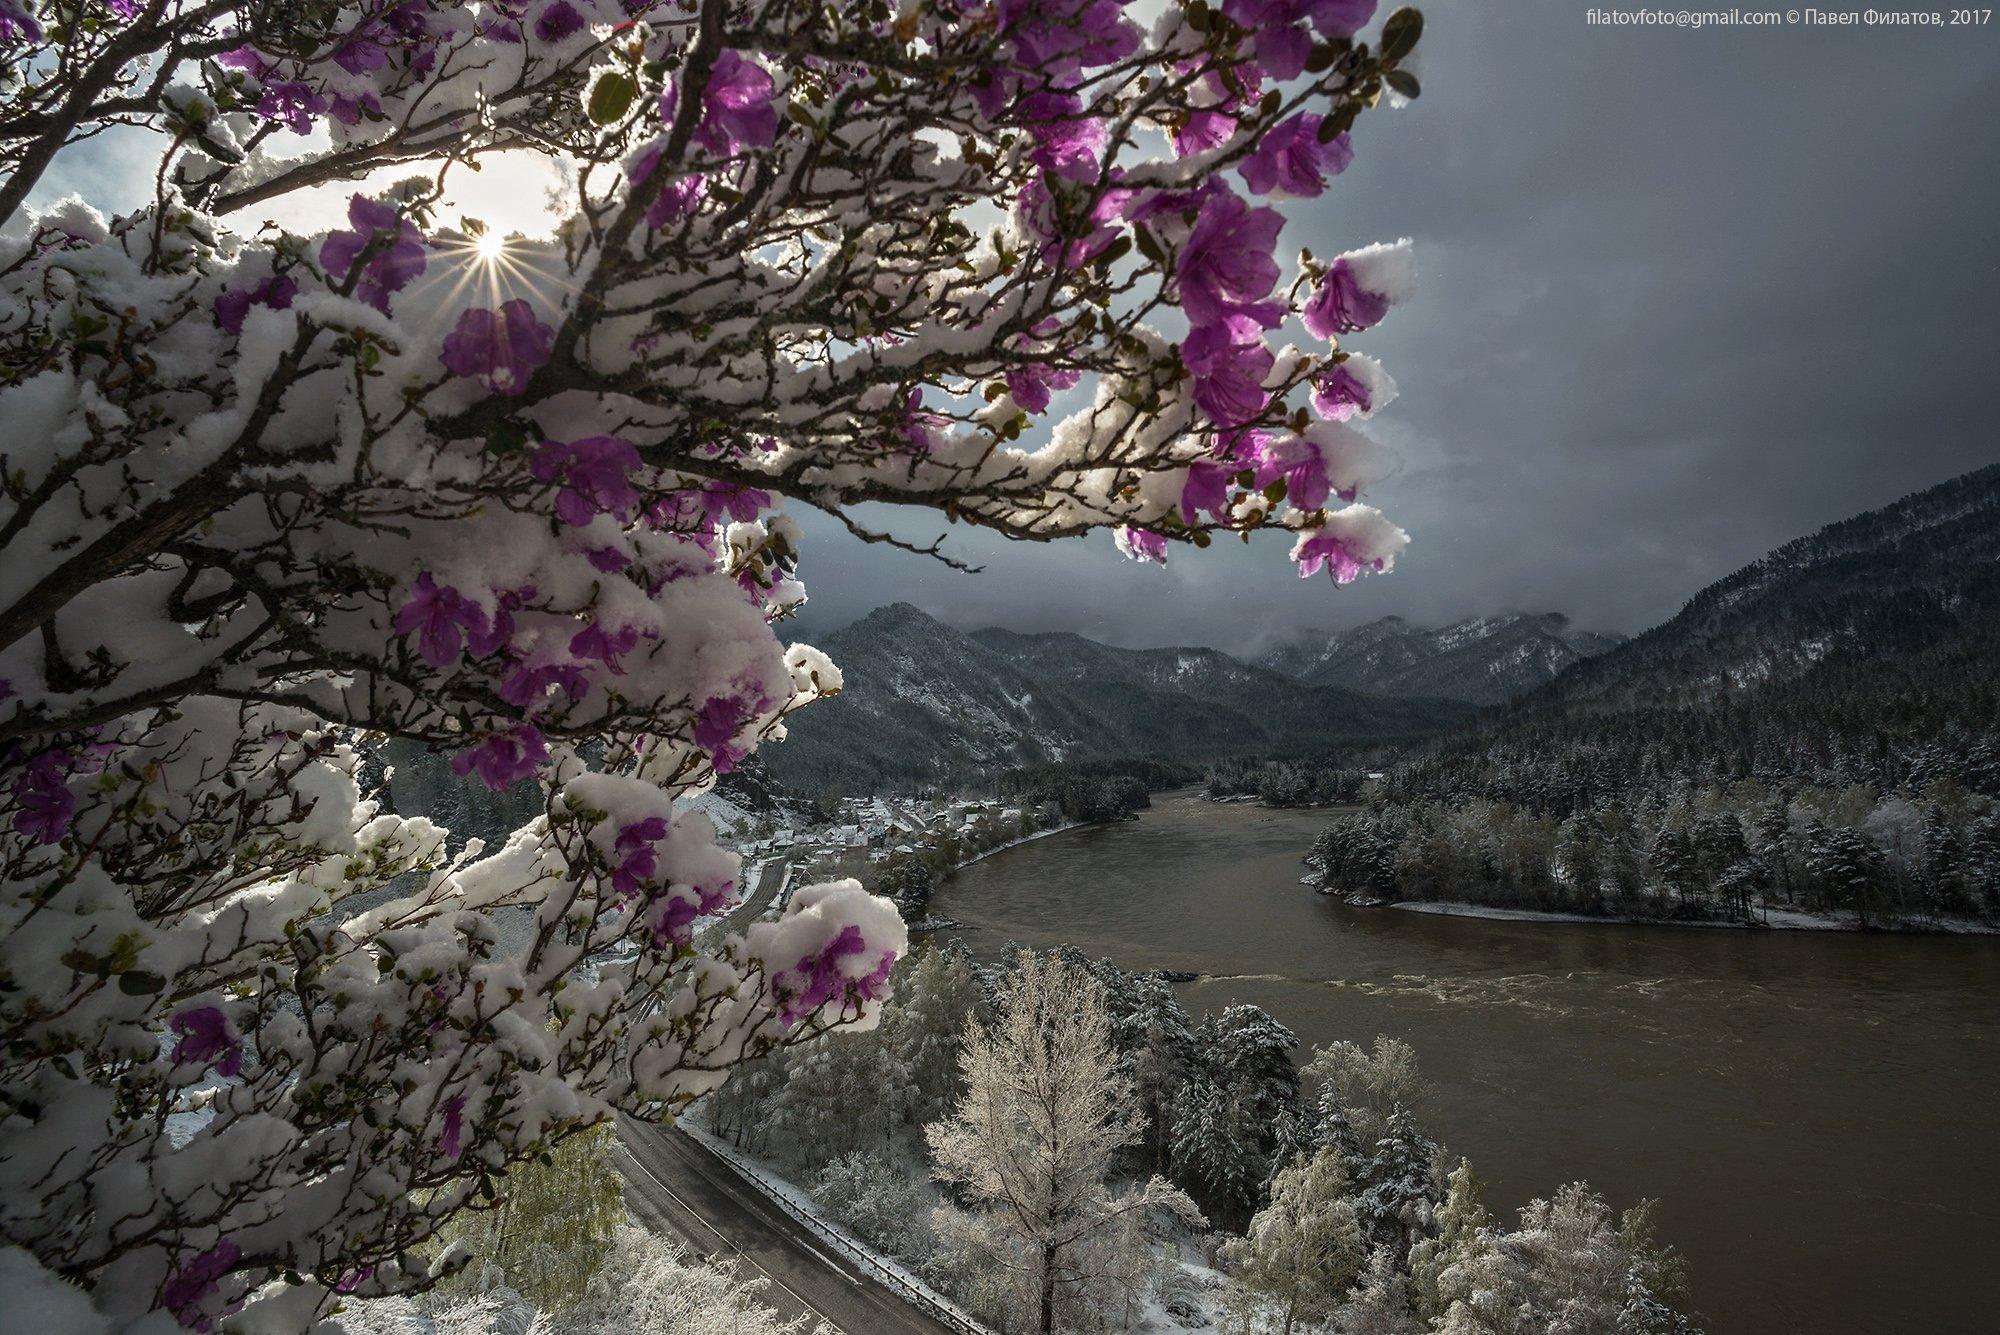 #алтай_чудеса_природы #алтай #сибирь #siberia #павел_филатов #pavel_filatov #filatovpavelaltai #маральник #снег #май #рододендрон_ледебура #весна #altai #snow #rhododendron #spring, Павел Филатов